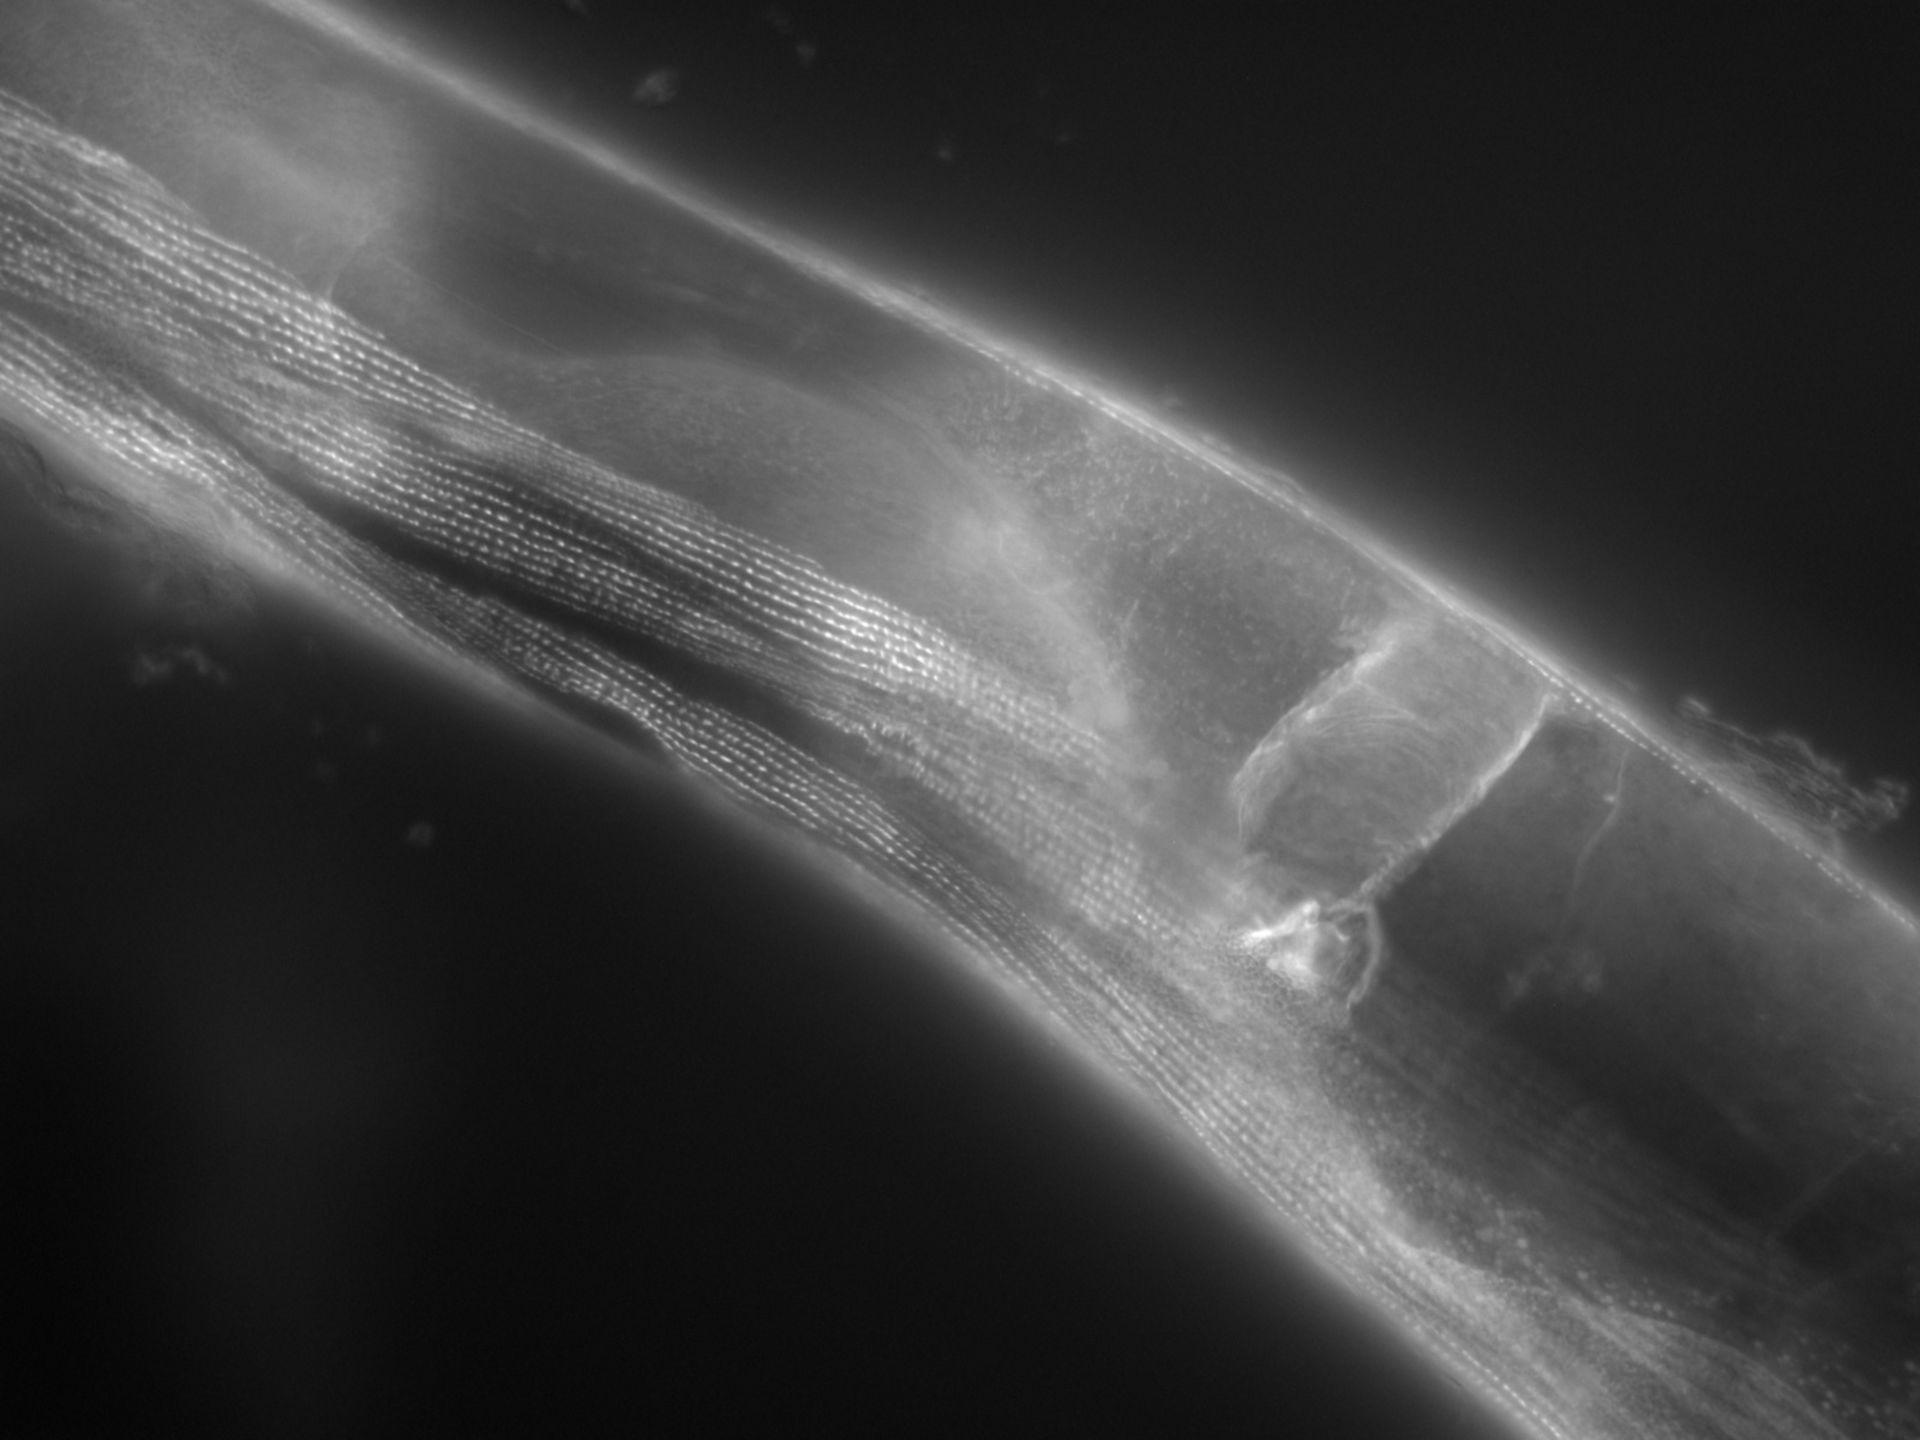 Caenorhabditis elegans (Actin filament) - CIL:1145